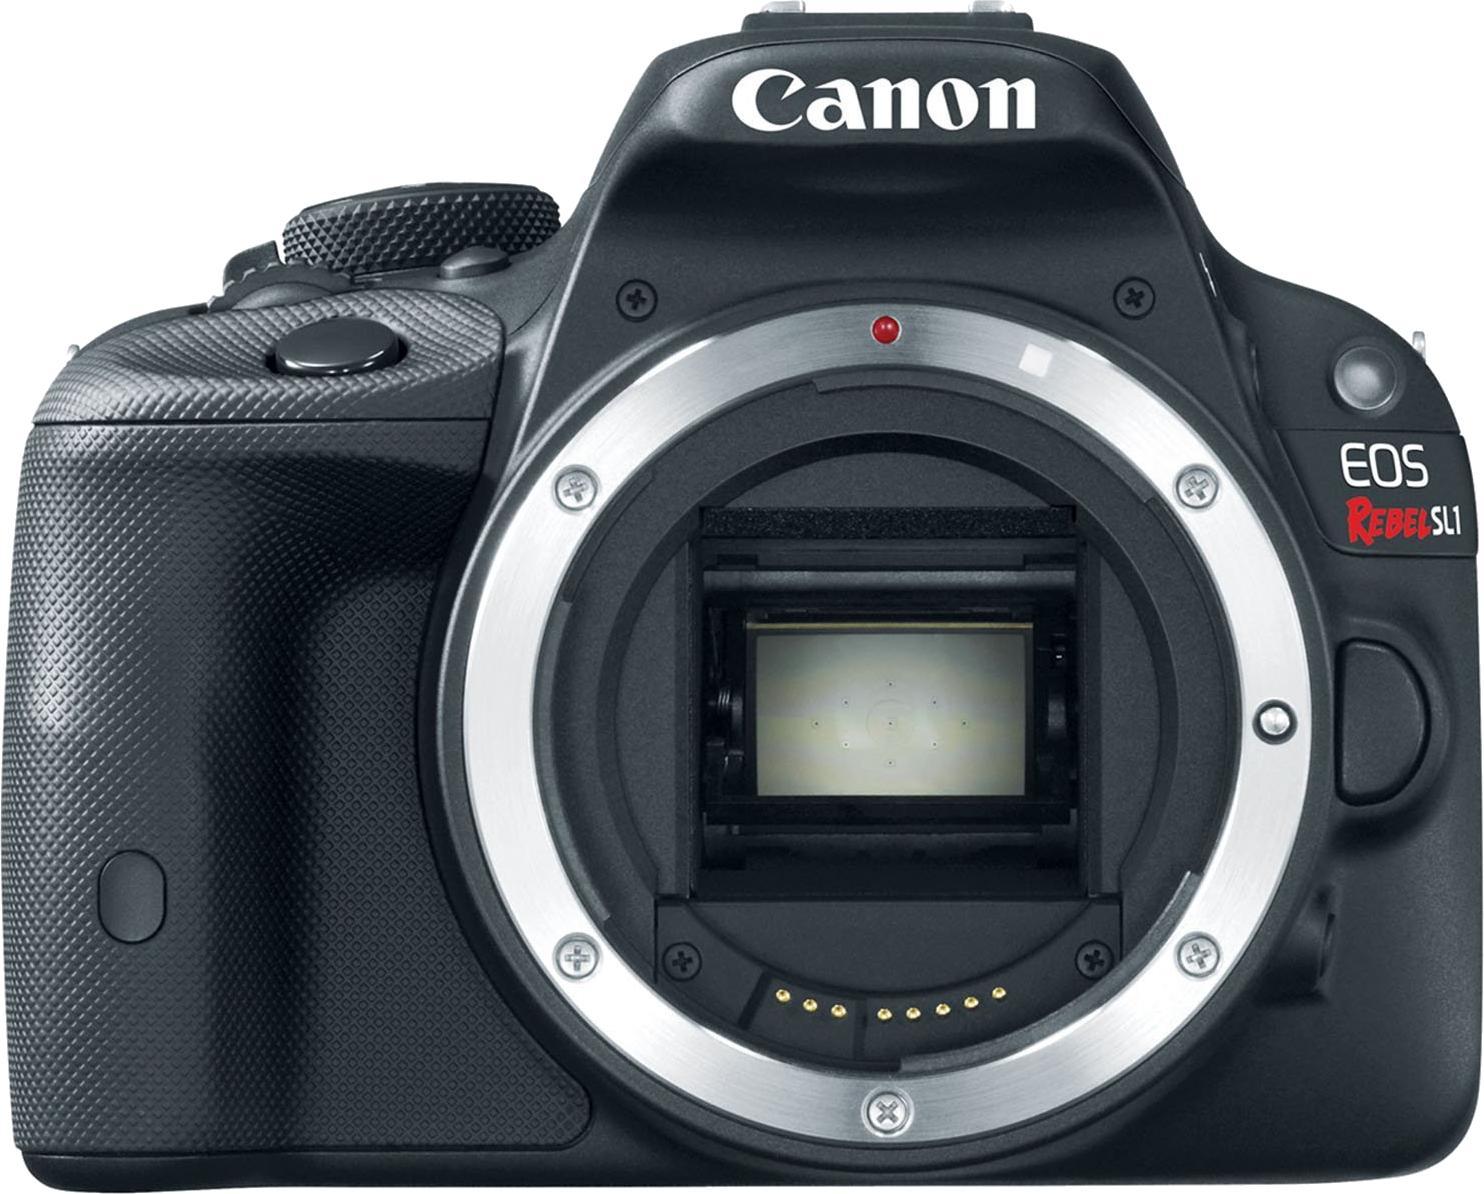 Canon EOS Rebel SL1